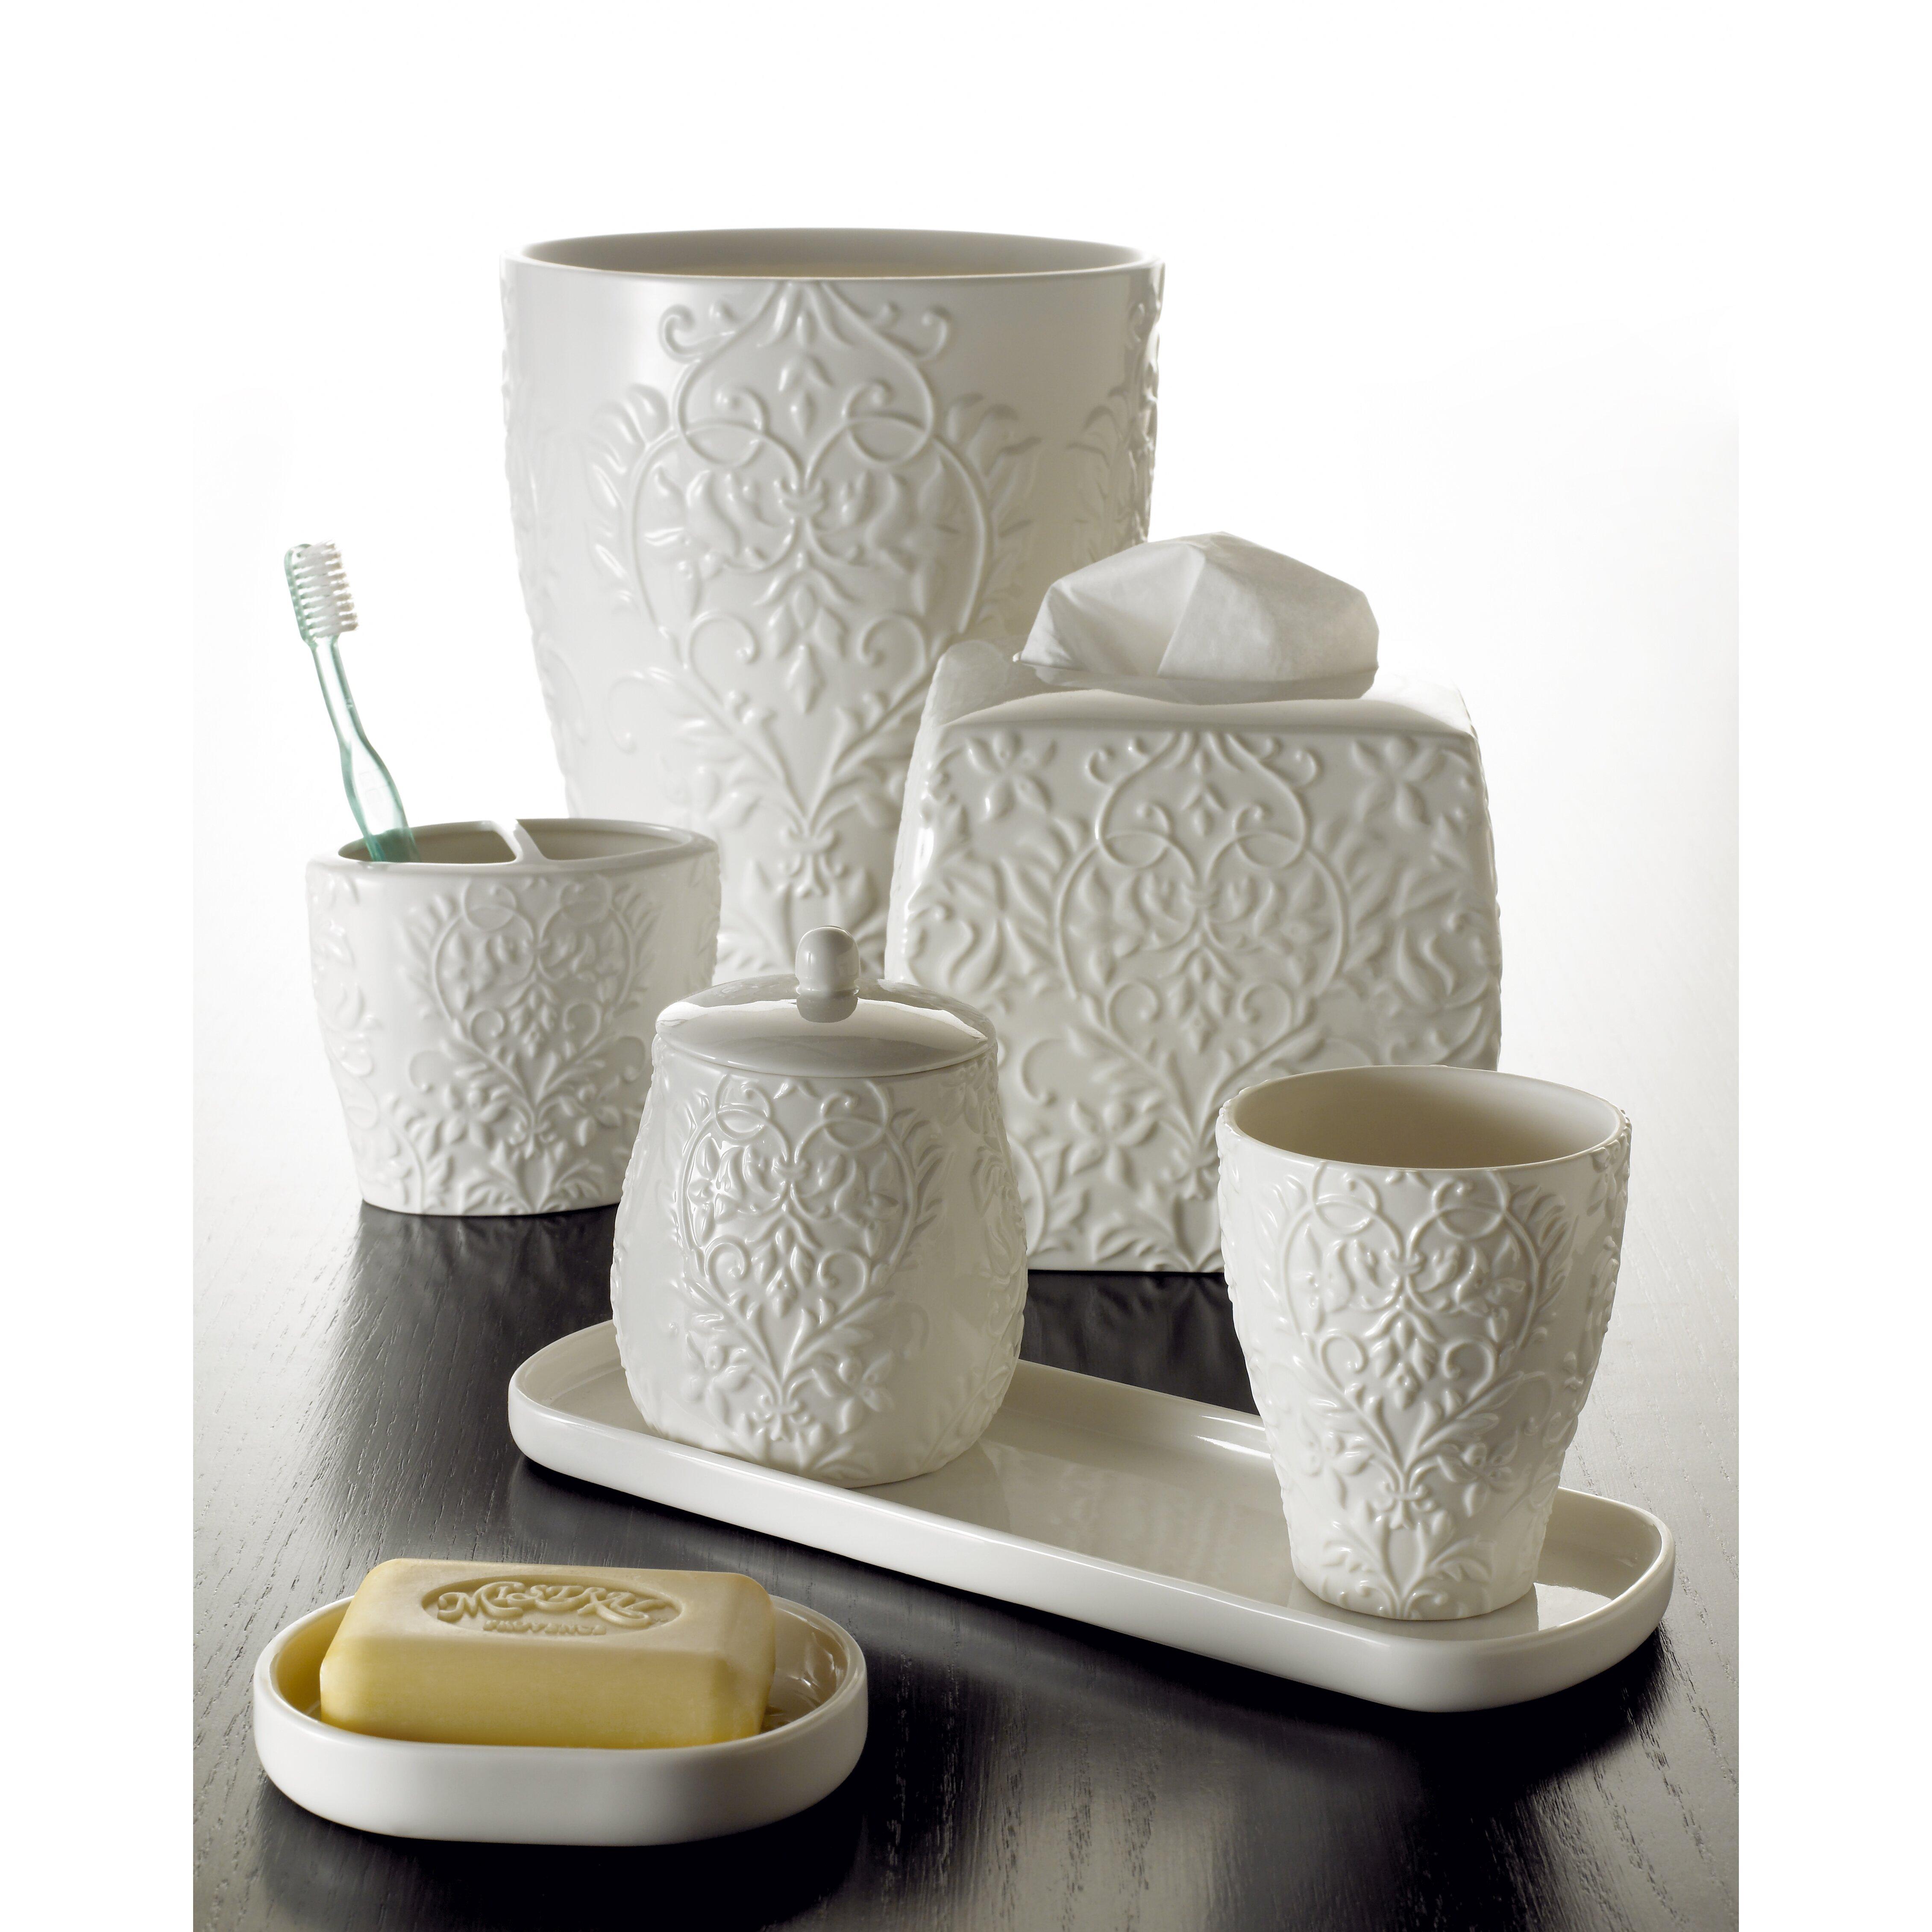 Kassatex parisian collection bath accessories tissue for Bath accessories holder